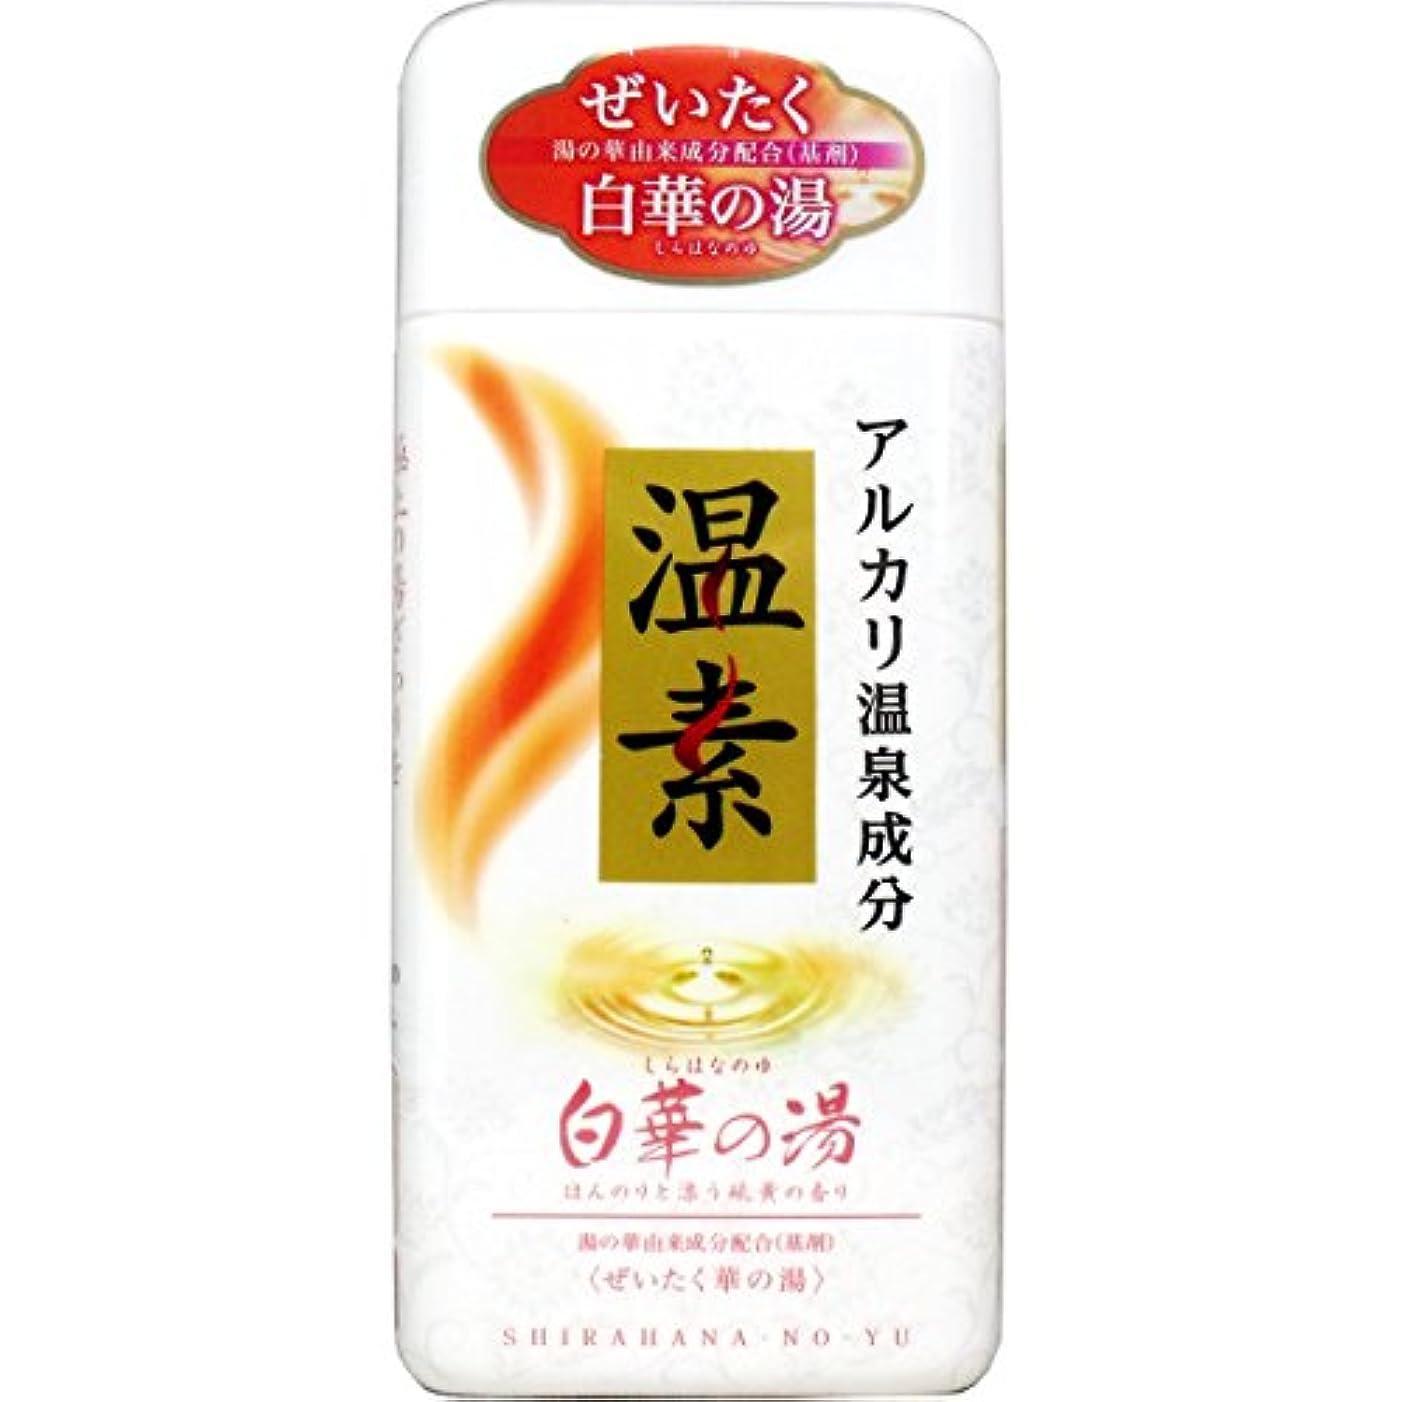 ベアリングサークル移植傑出した入浴剤 ぜいたく華の湯 リラックス用品 アルカリ温泉成分 温素 入浴剤 白華の湯 硫黄の香り 600g入【2個セット】